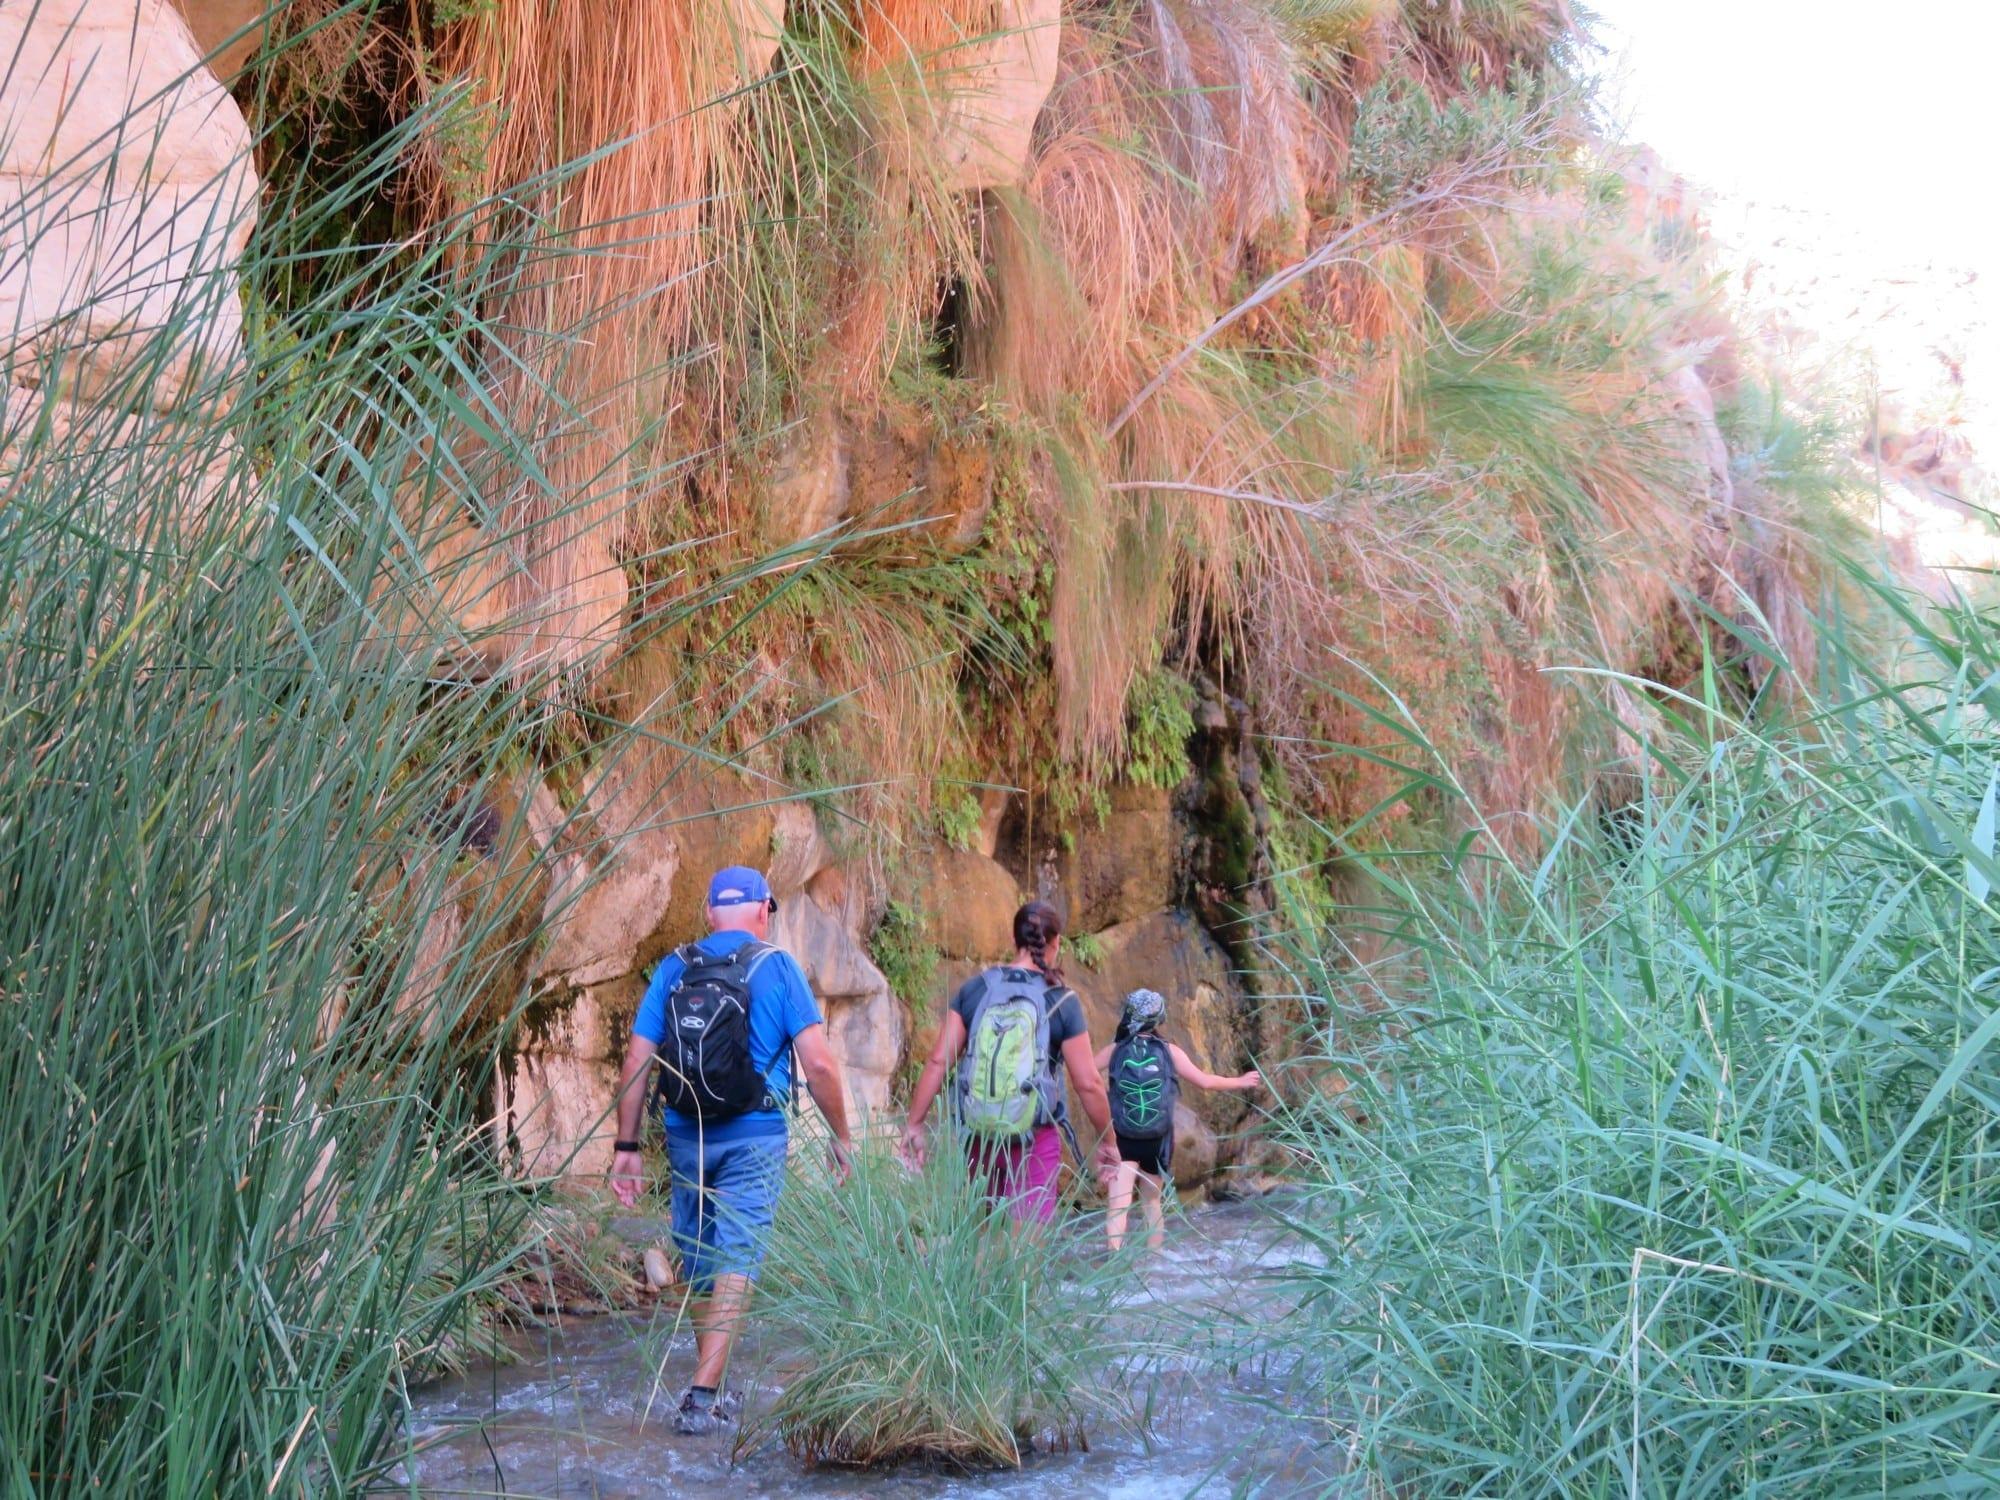 קניוני מואב - - טיול לירדן עם ערוצים בטבע